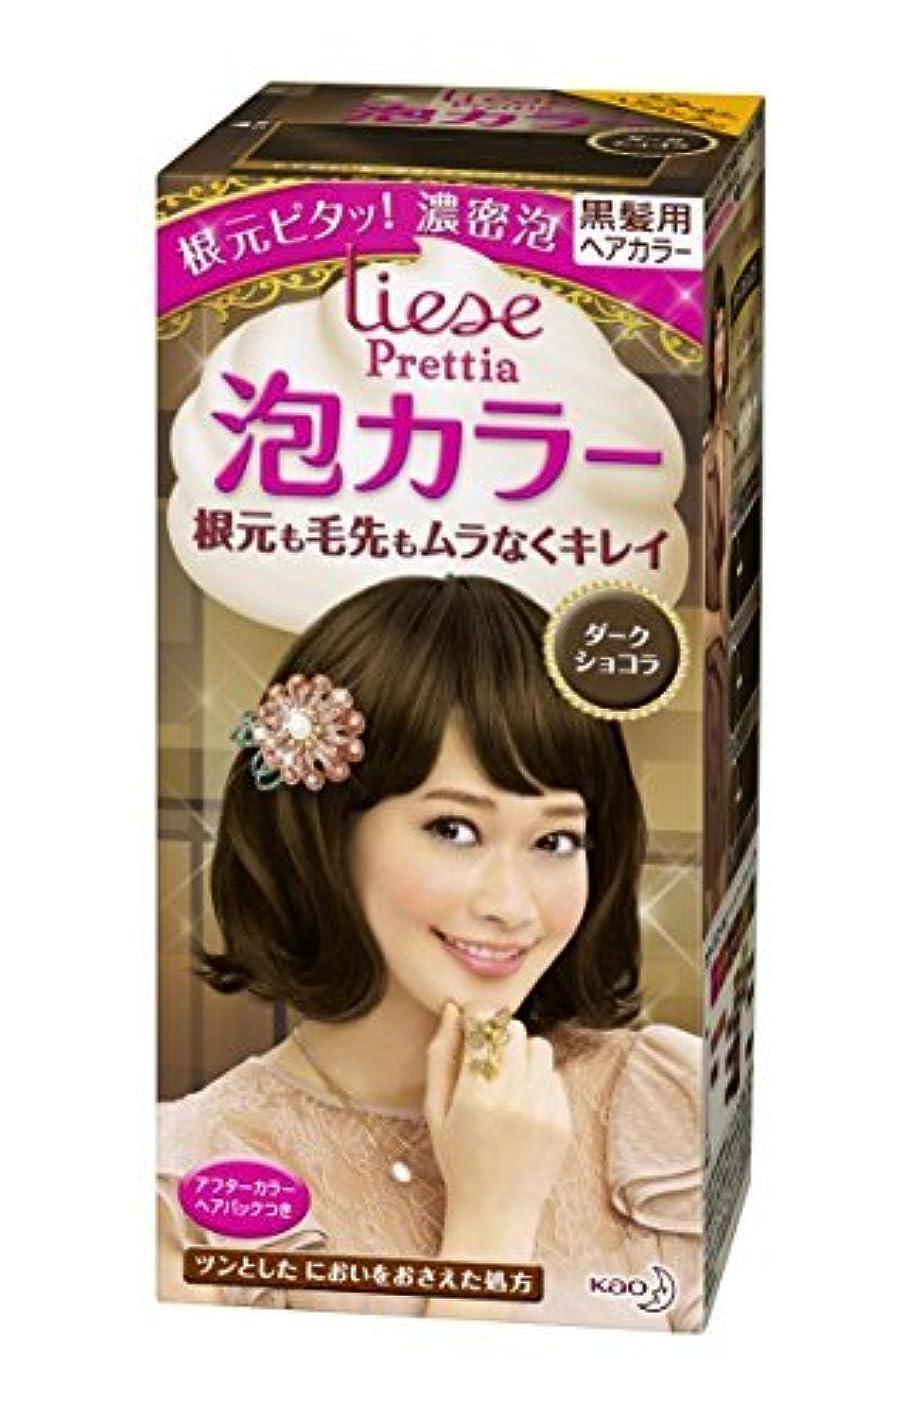 以上微弱シェルターリーゼ プリティア泡カラー ダークショコラ 108ml Japan